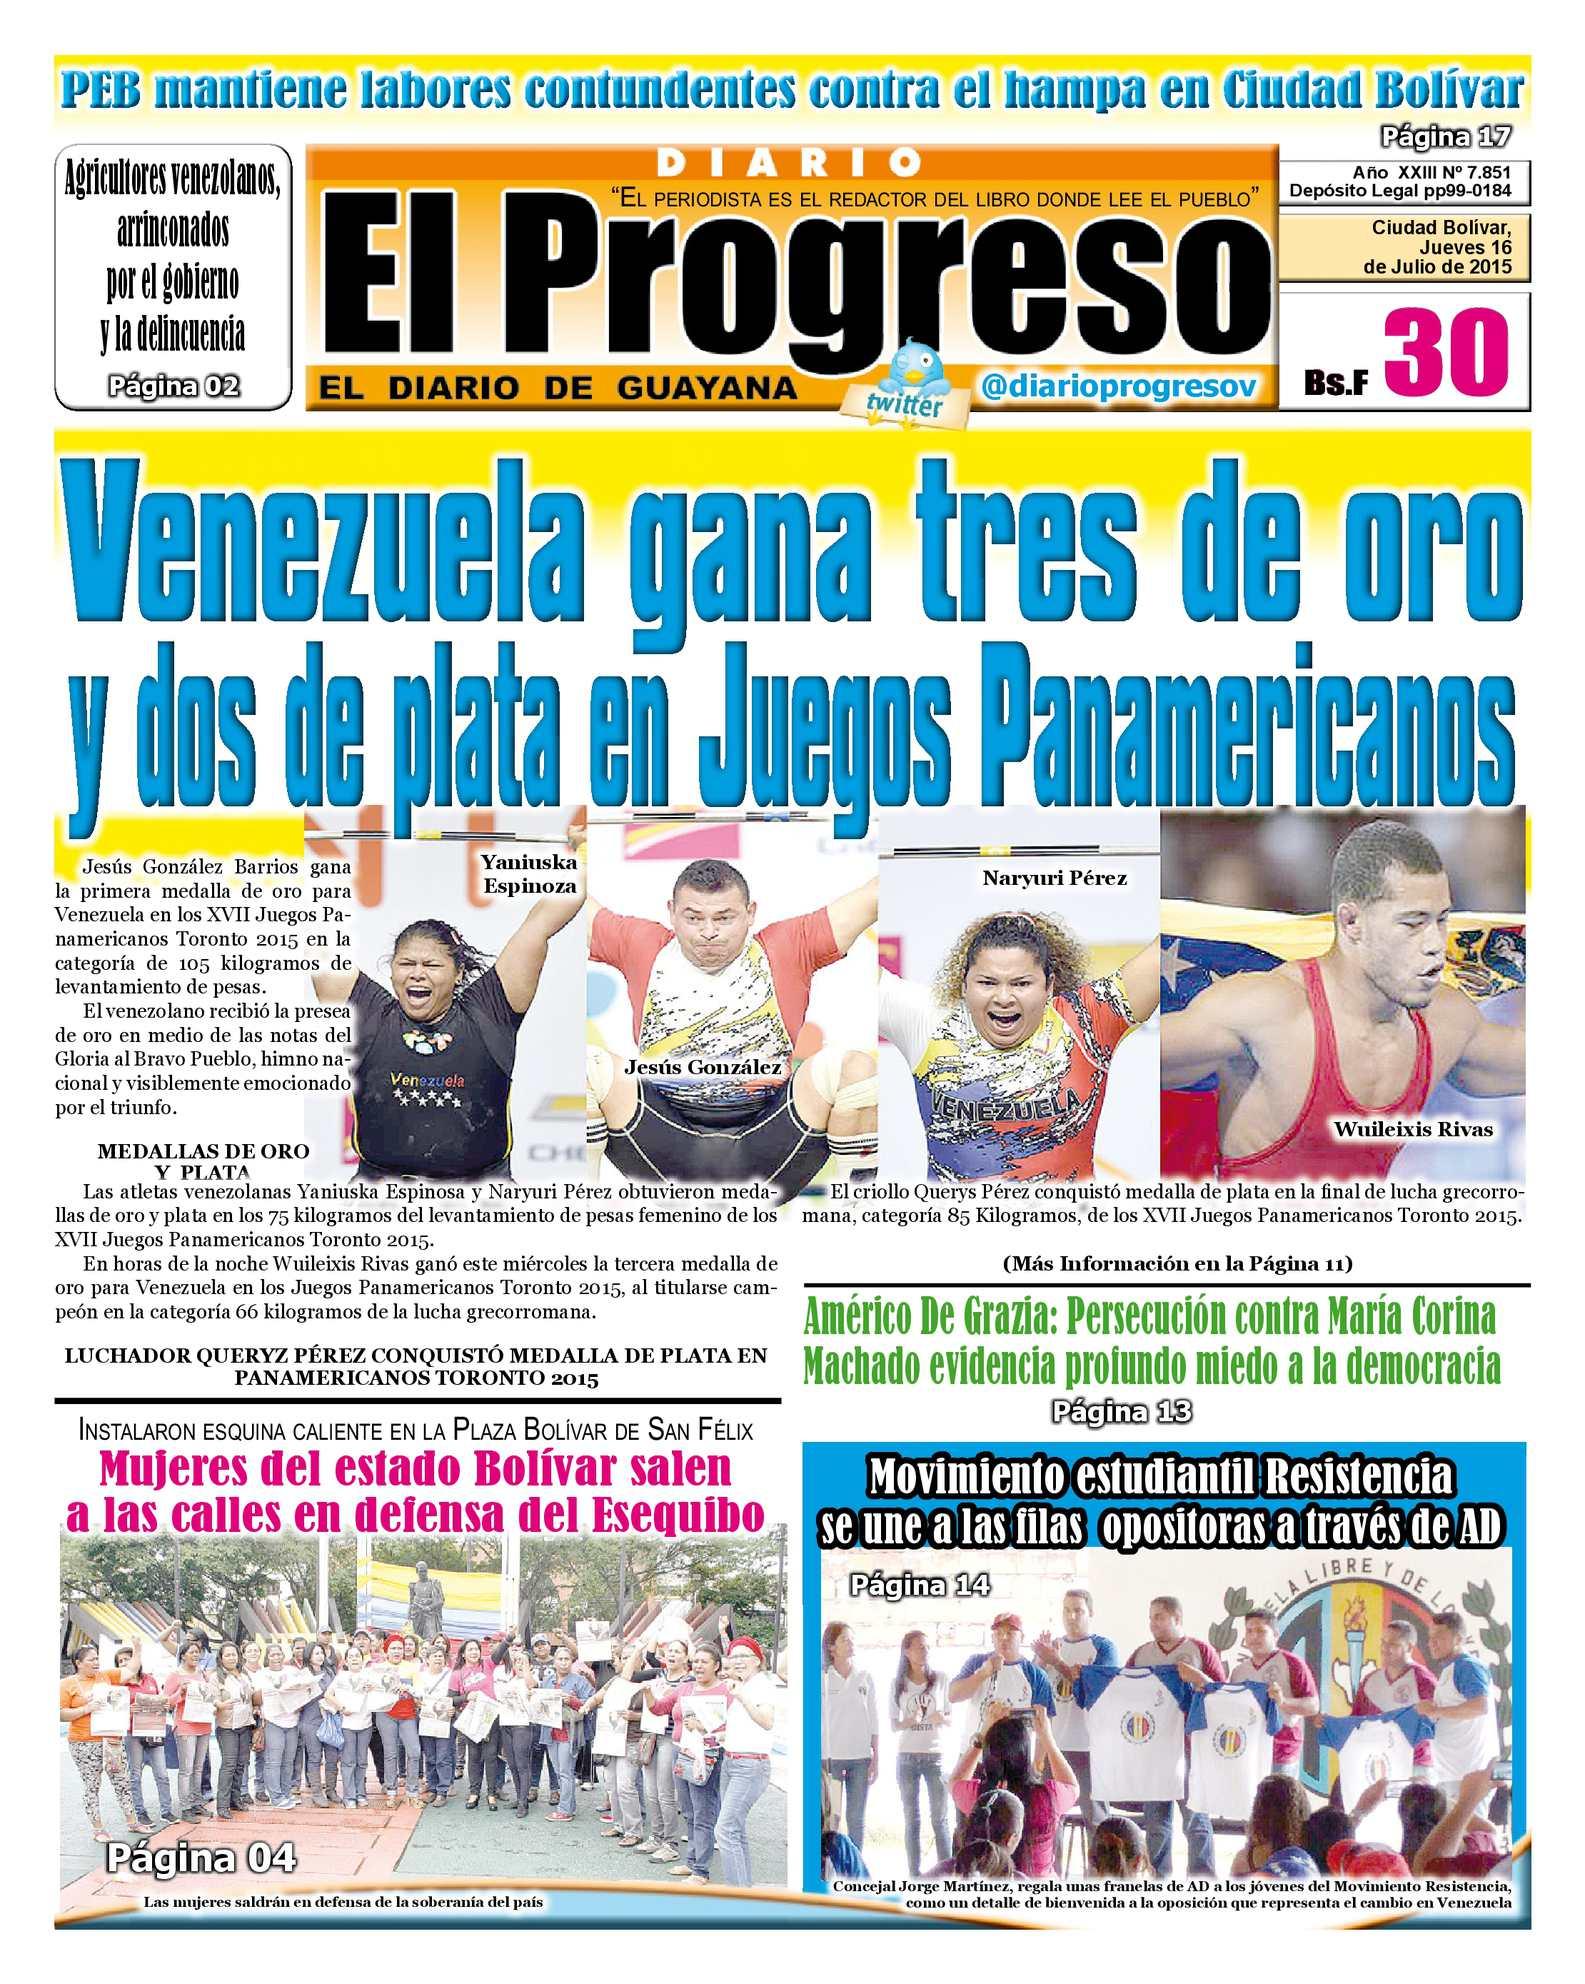 Calaméo - DiarioelprogresoEDICIÓNDIGITAL 16-07-2015 bac704112a6